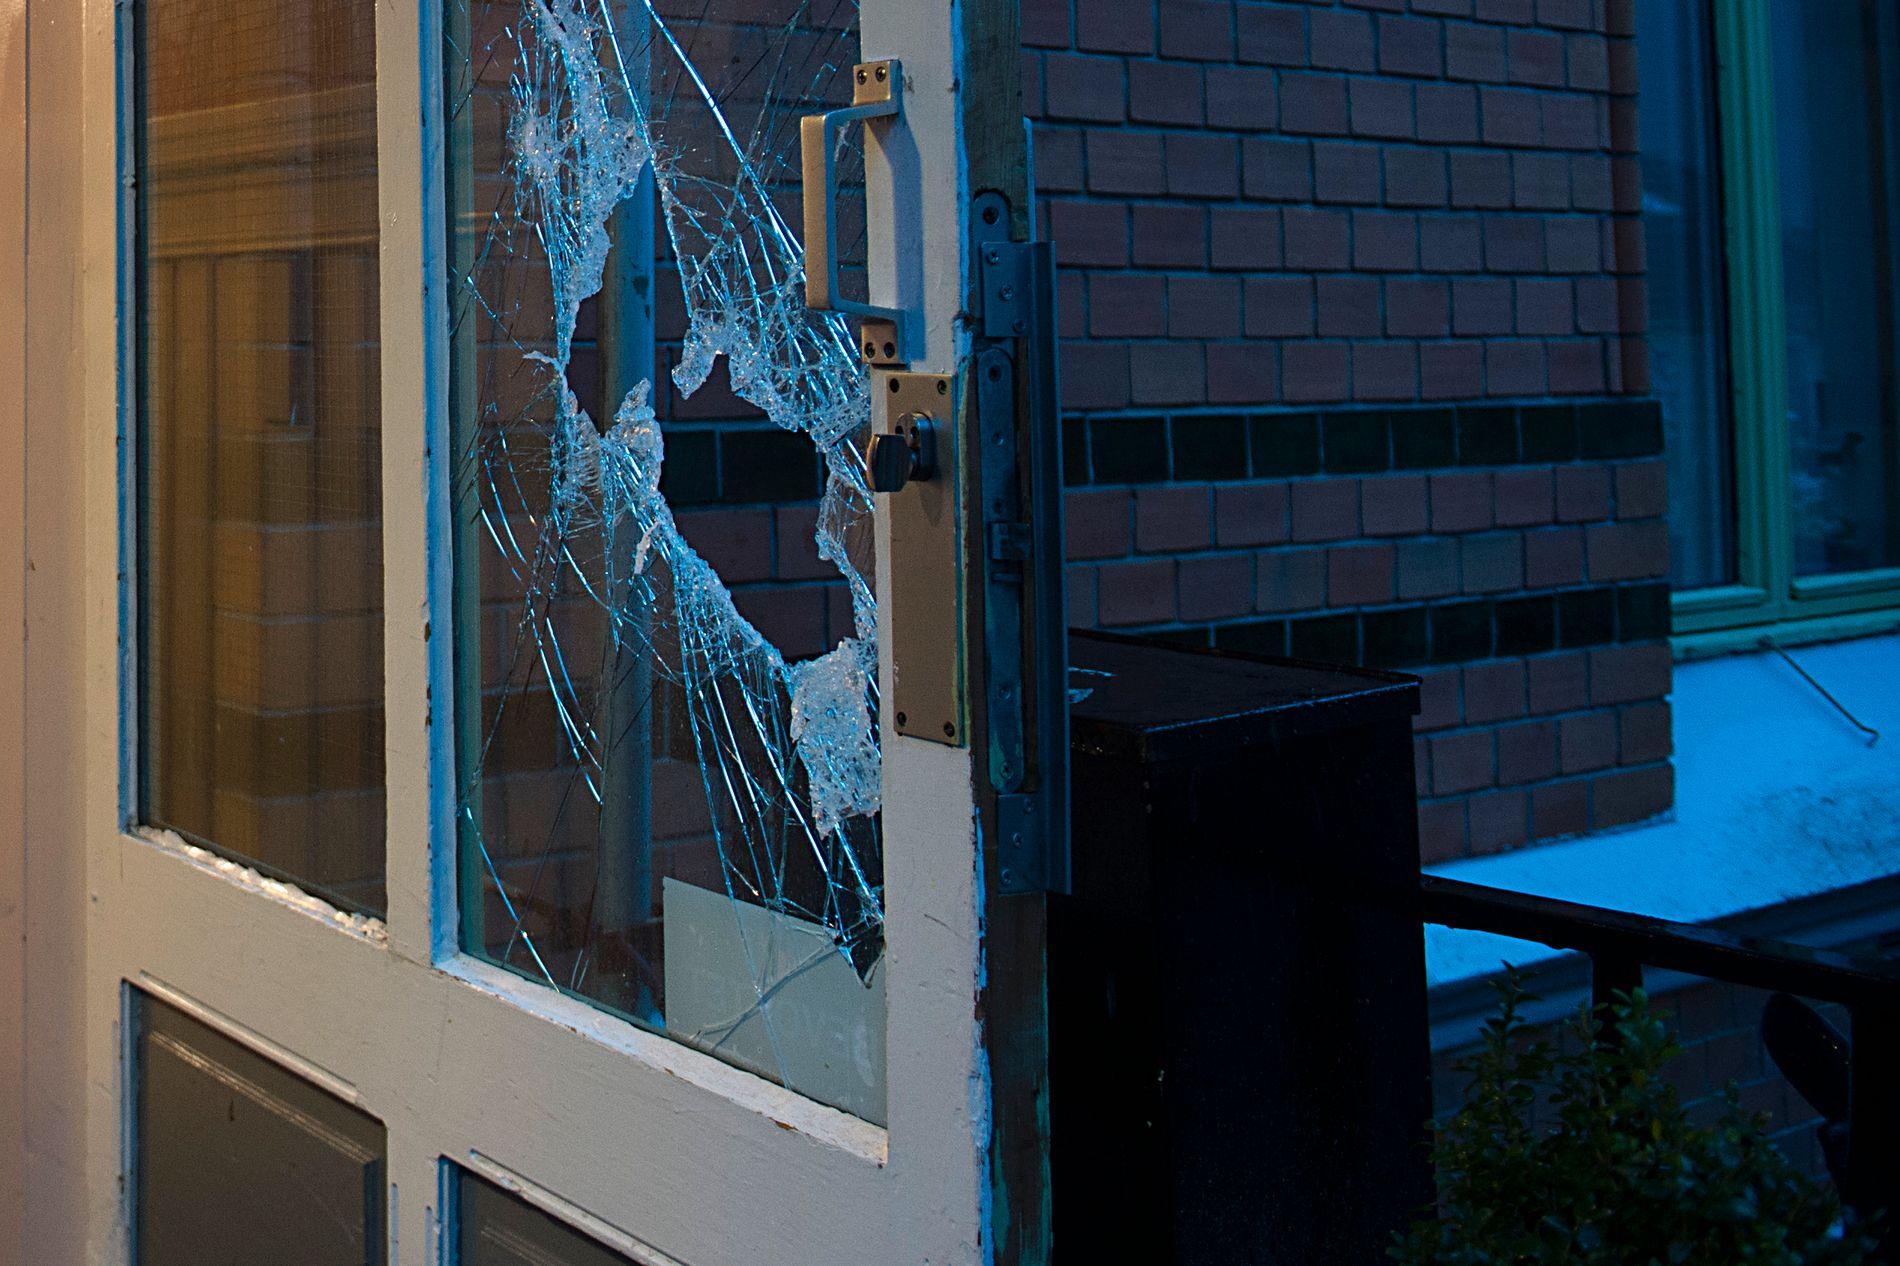 FUNNET DØD: En kvinne ble funnet død i dette bygget i Nordnes i Bergen natt til torsdag.